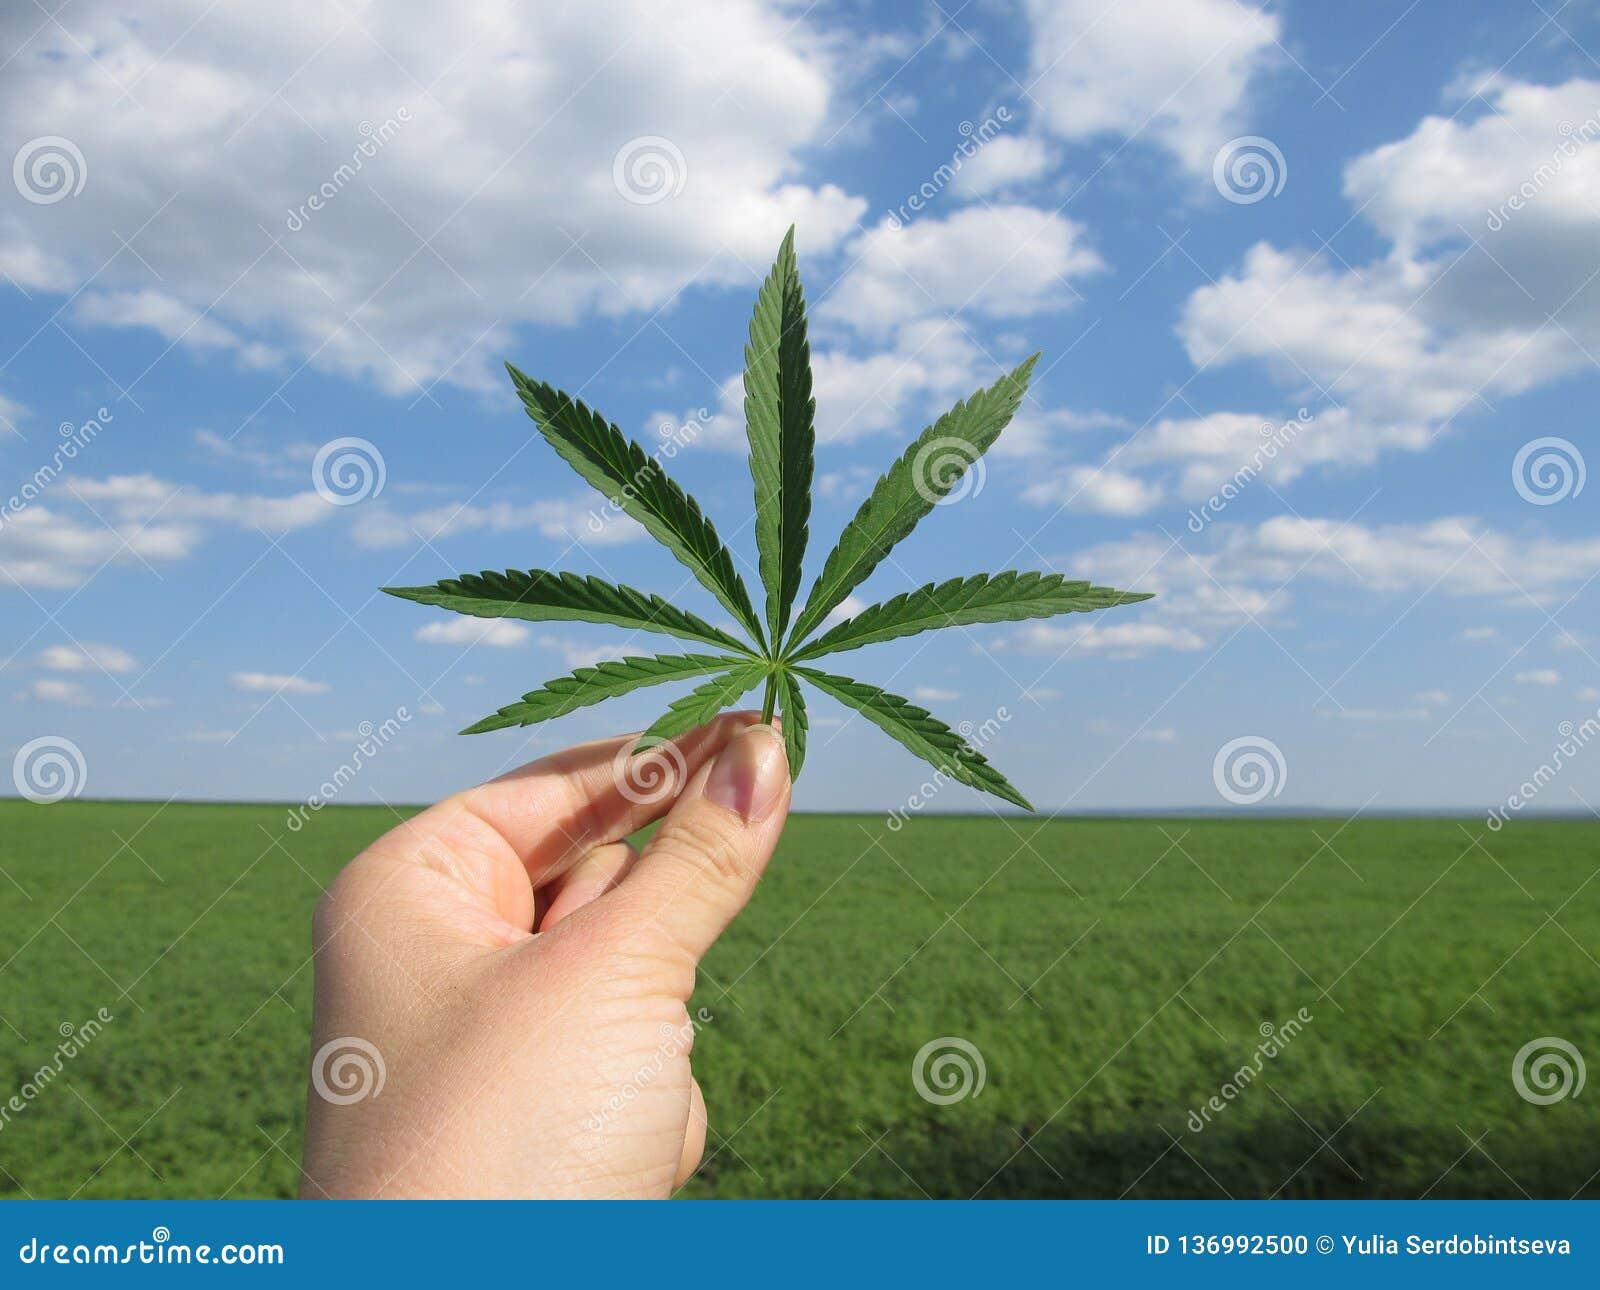 Folha do cannabis na mão contra um céu nebuloso azul e um campo verde